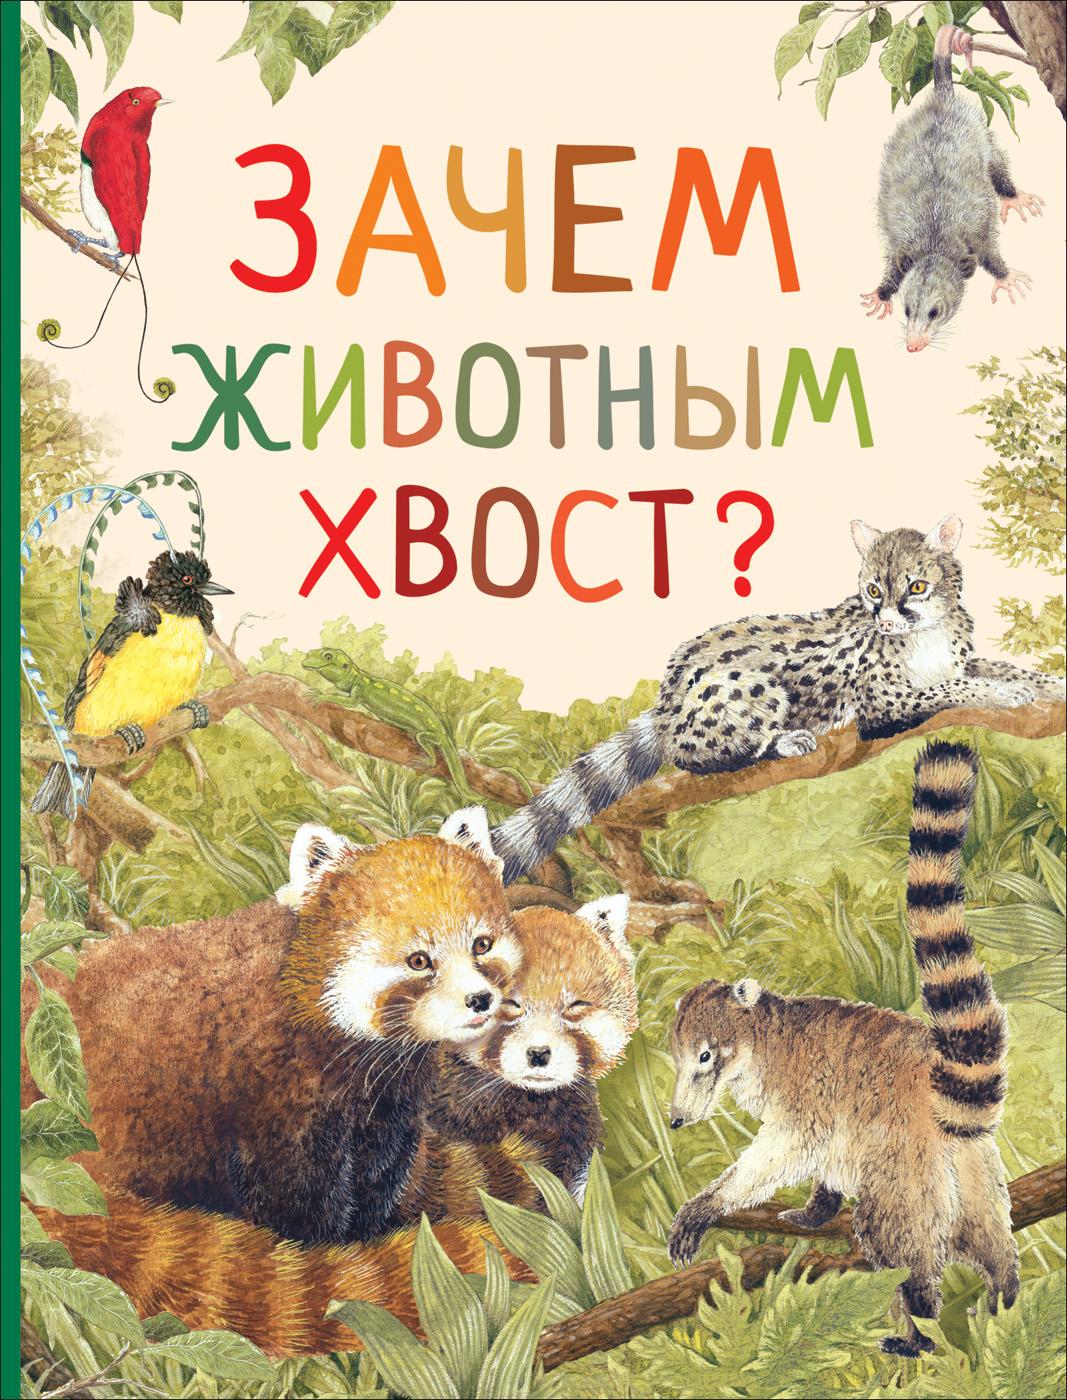 Ренне Зачем животным хвост? баруздин с зачем белке хвост рассказы и маленькая повесть